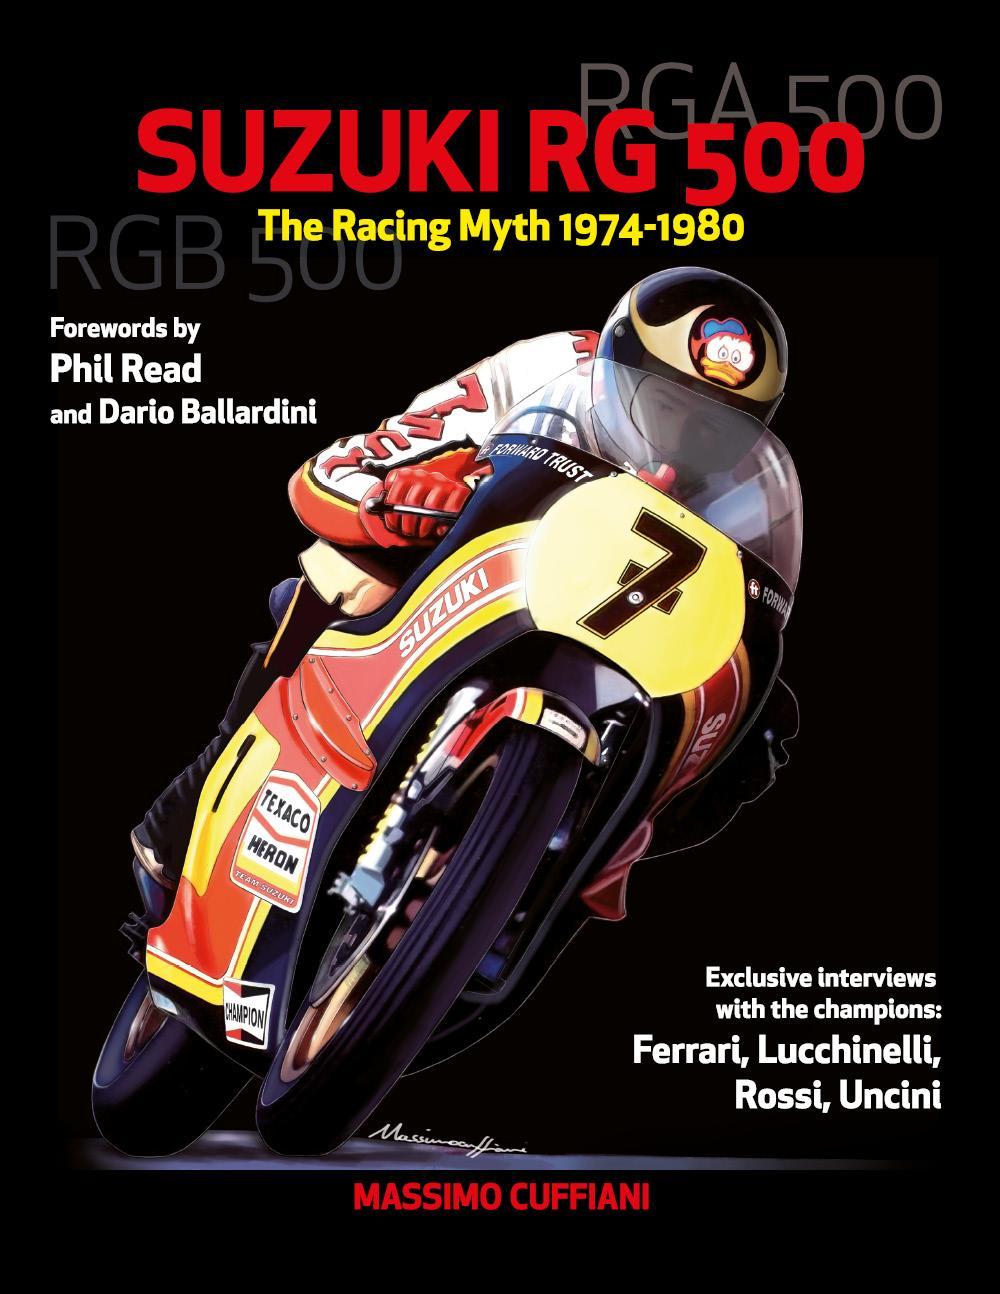 Suzuki RG 500 Racing Myth 1974-1980